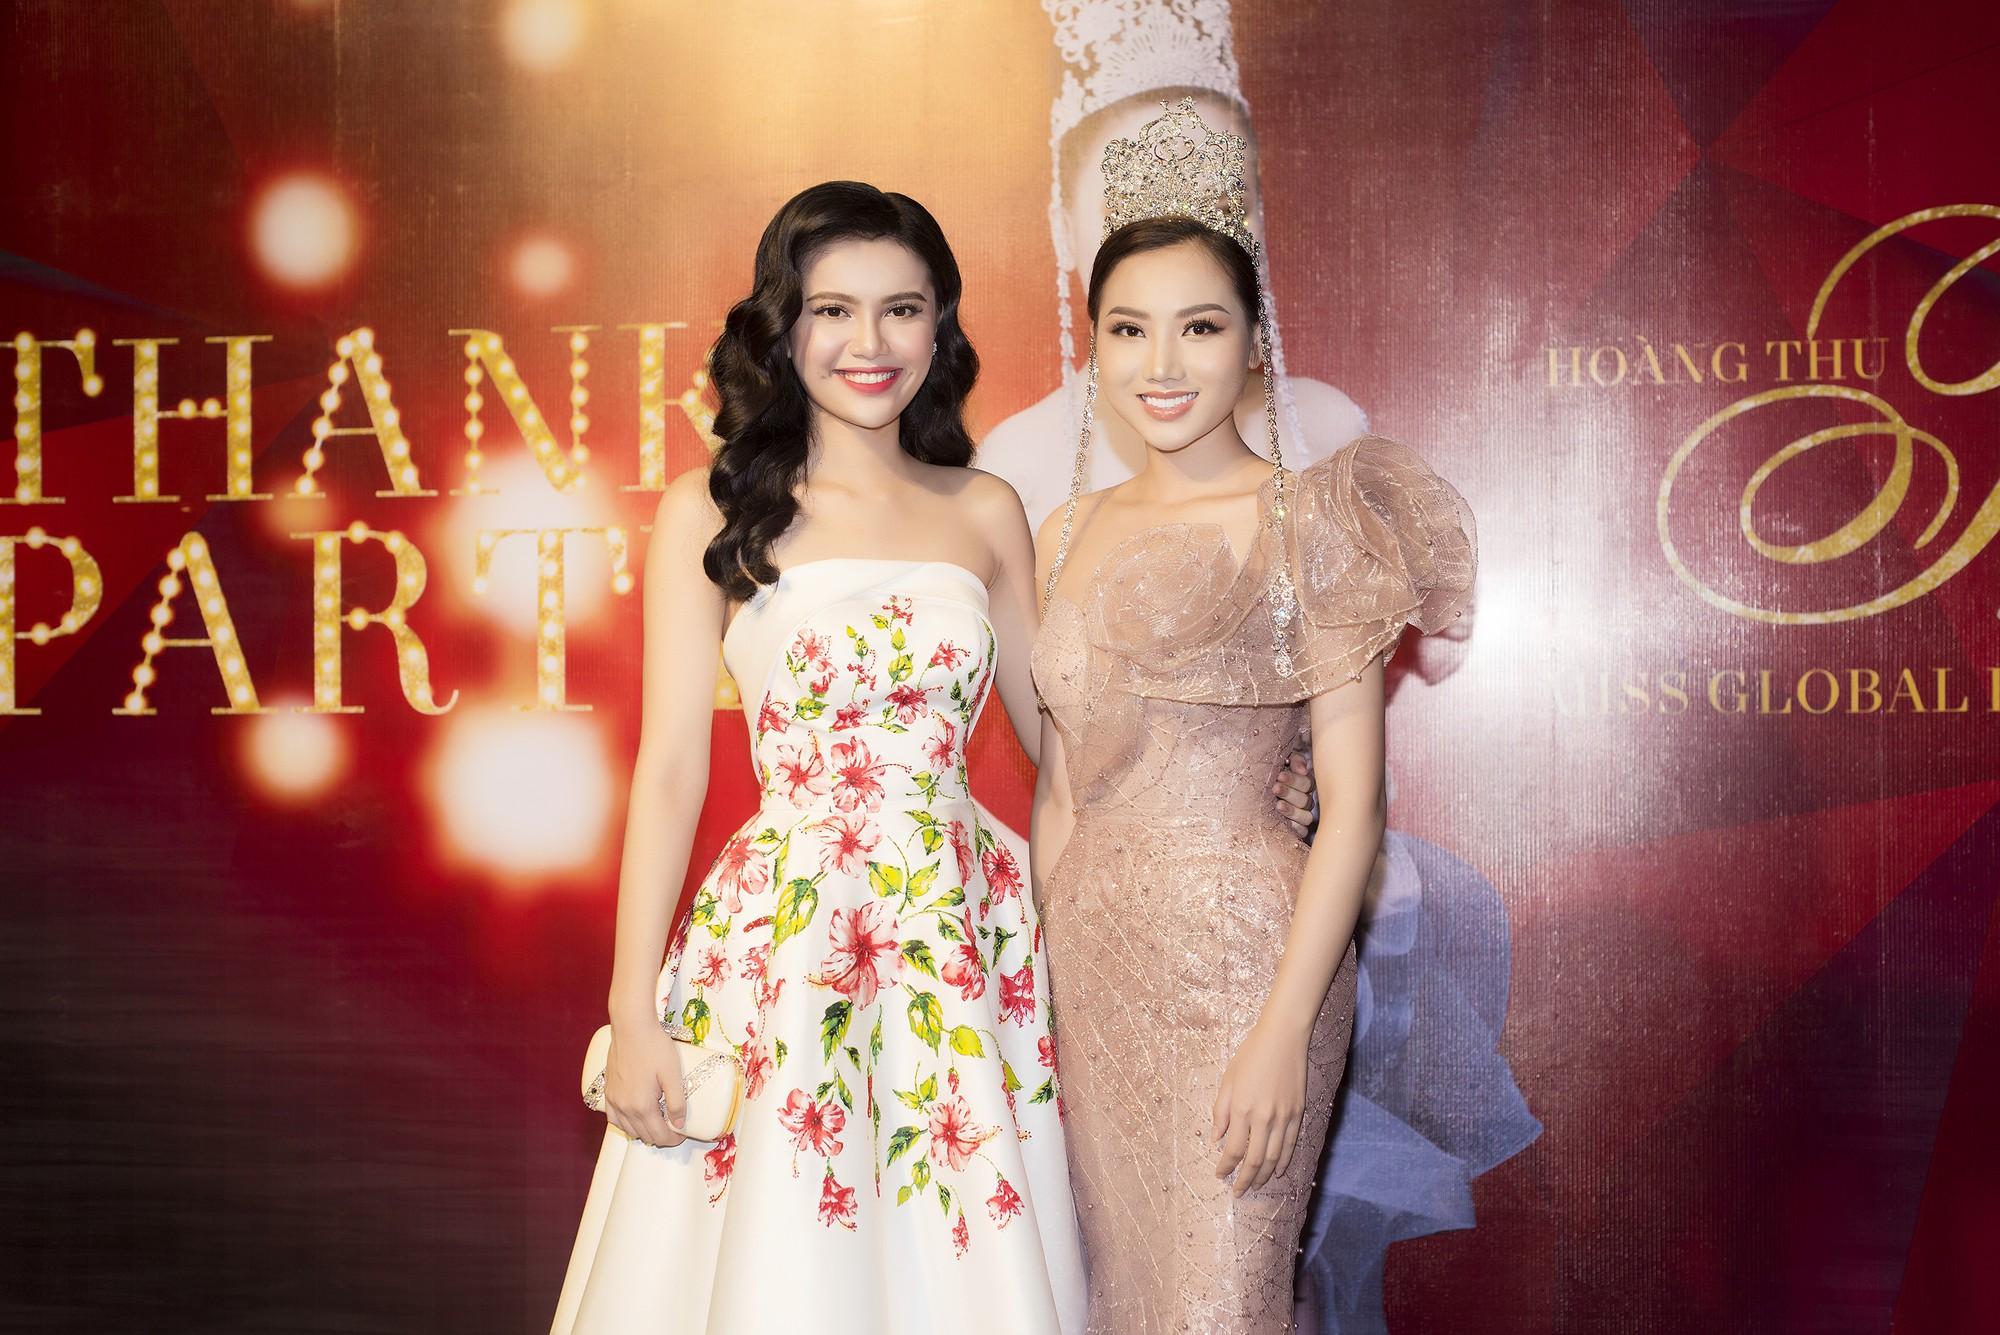 Cặp chị em Hoa hậu Diệu Hân - Á hậu Diệu Thùy rạng rỡ khoe sắc tại sự kiện - Ảnh 8.